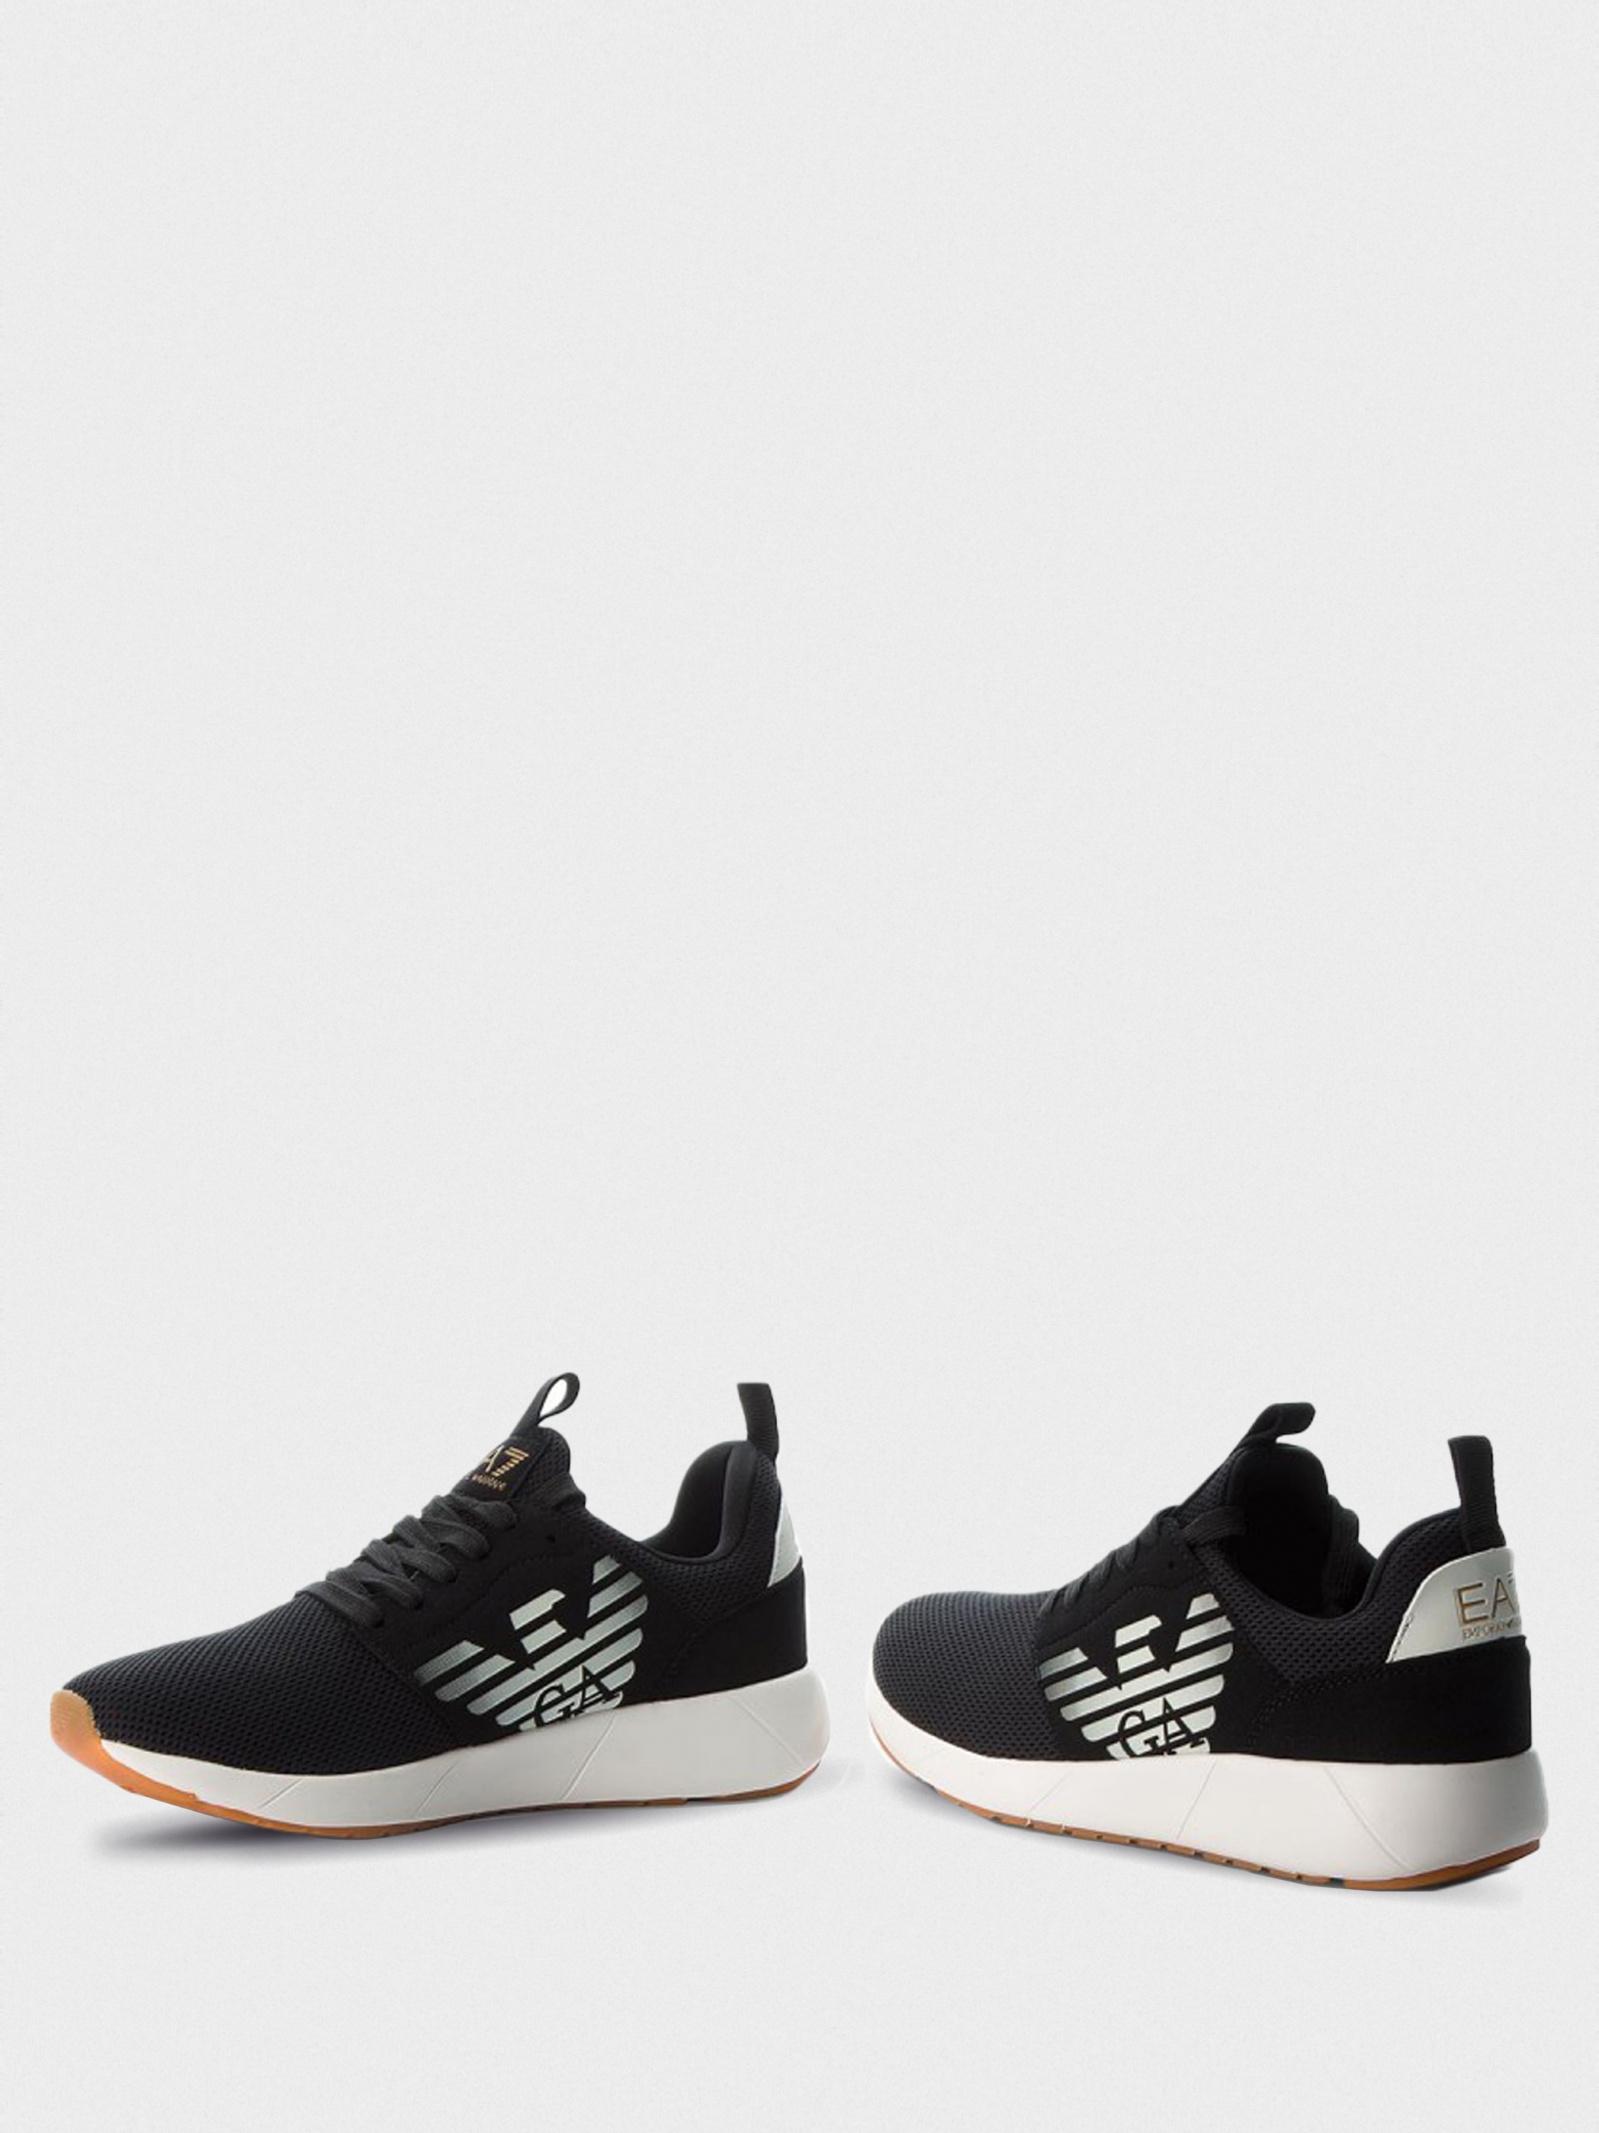 Кроссовки для женщин EA7 7S25 цена, 2017